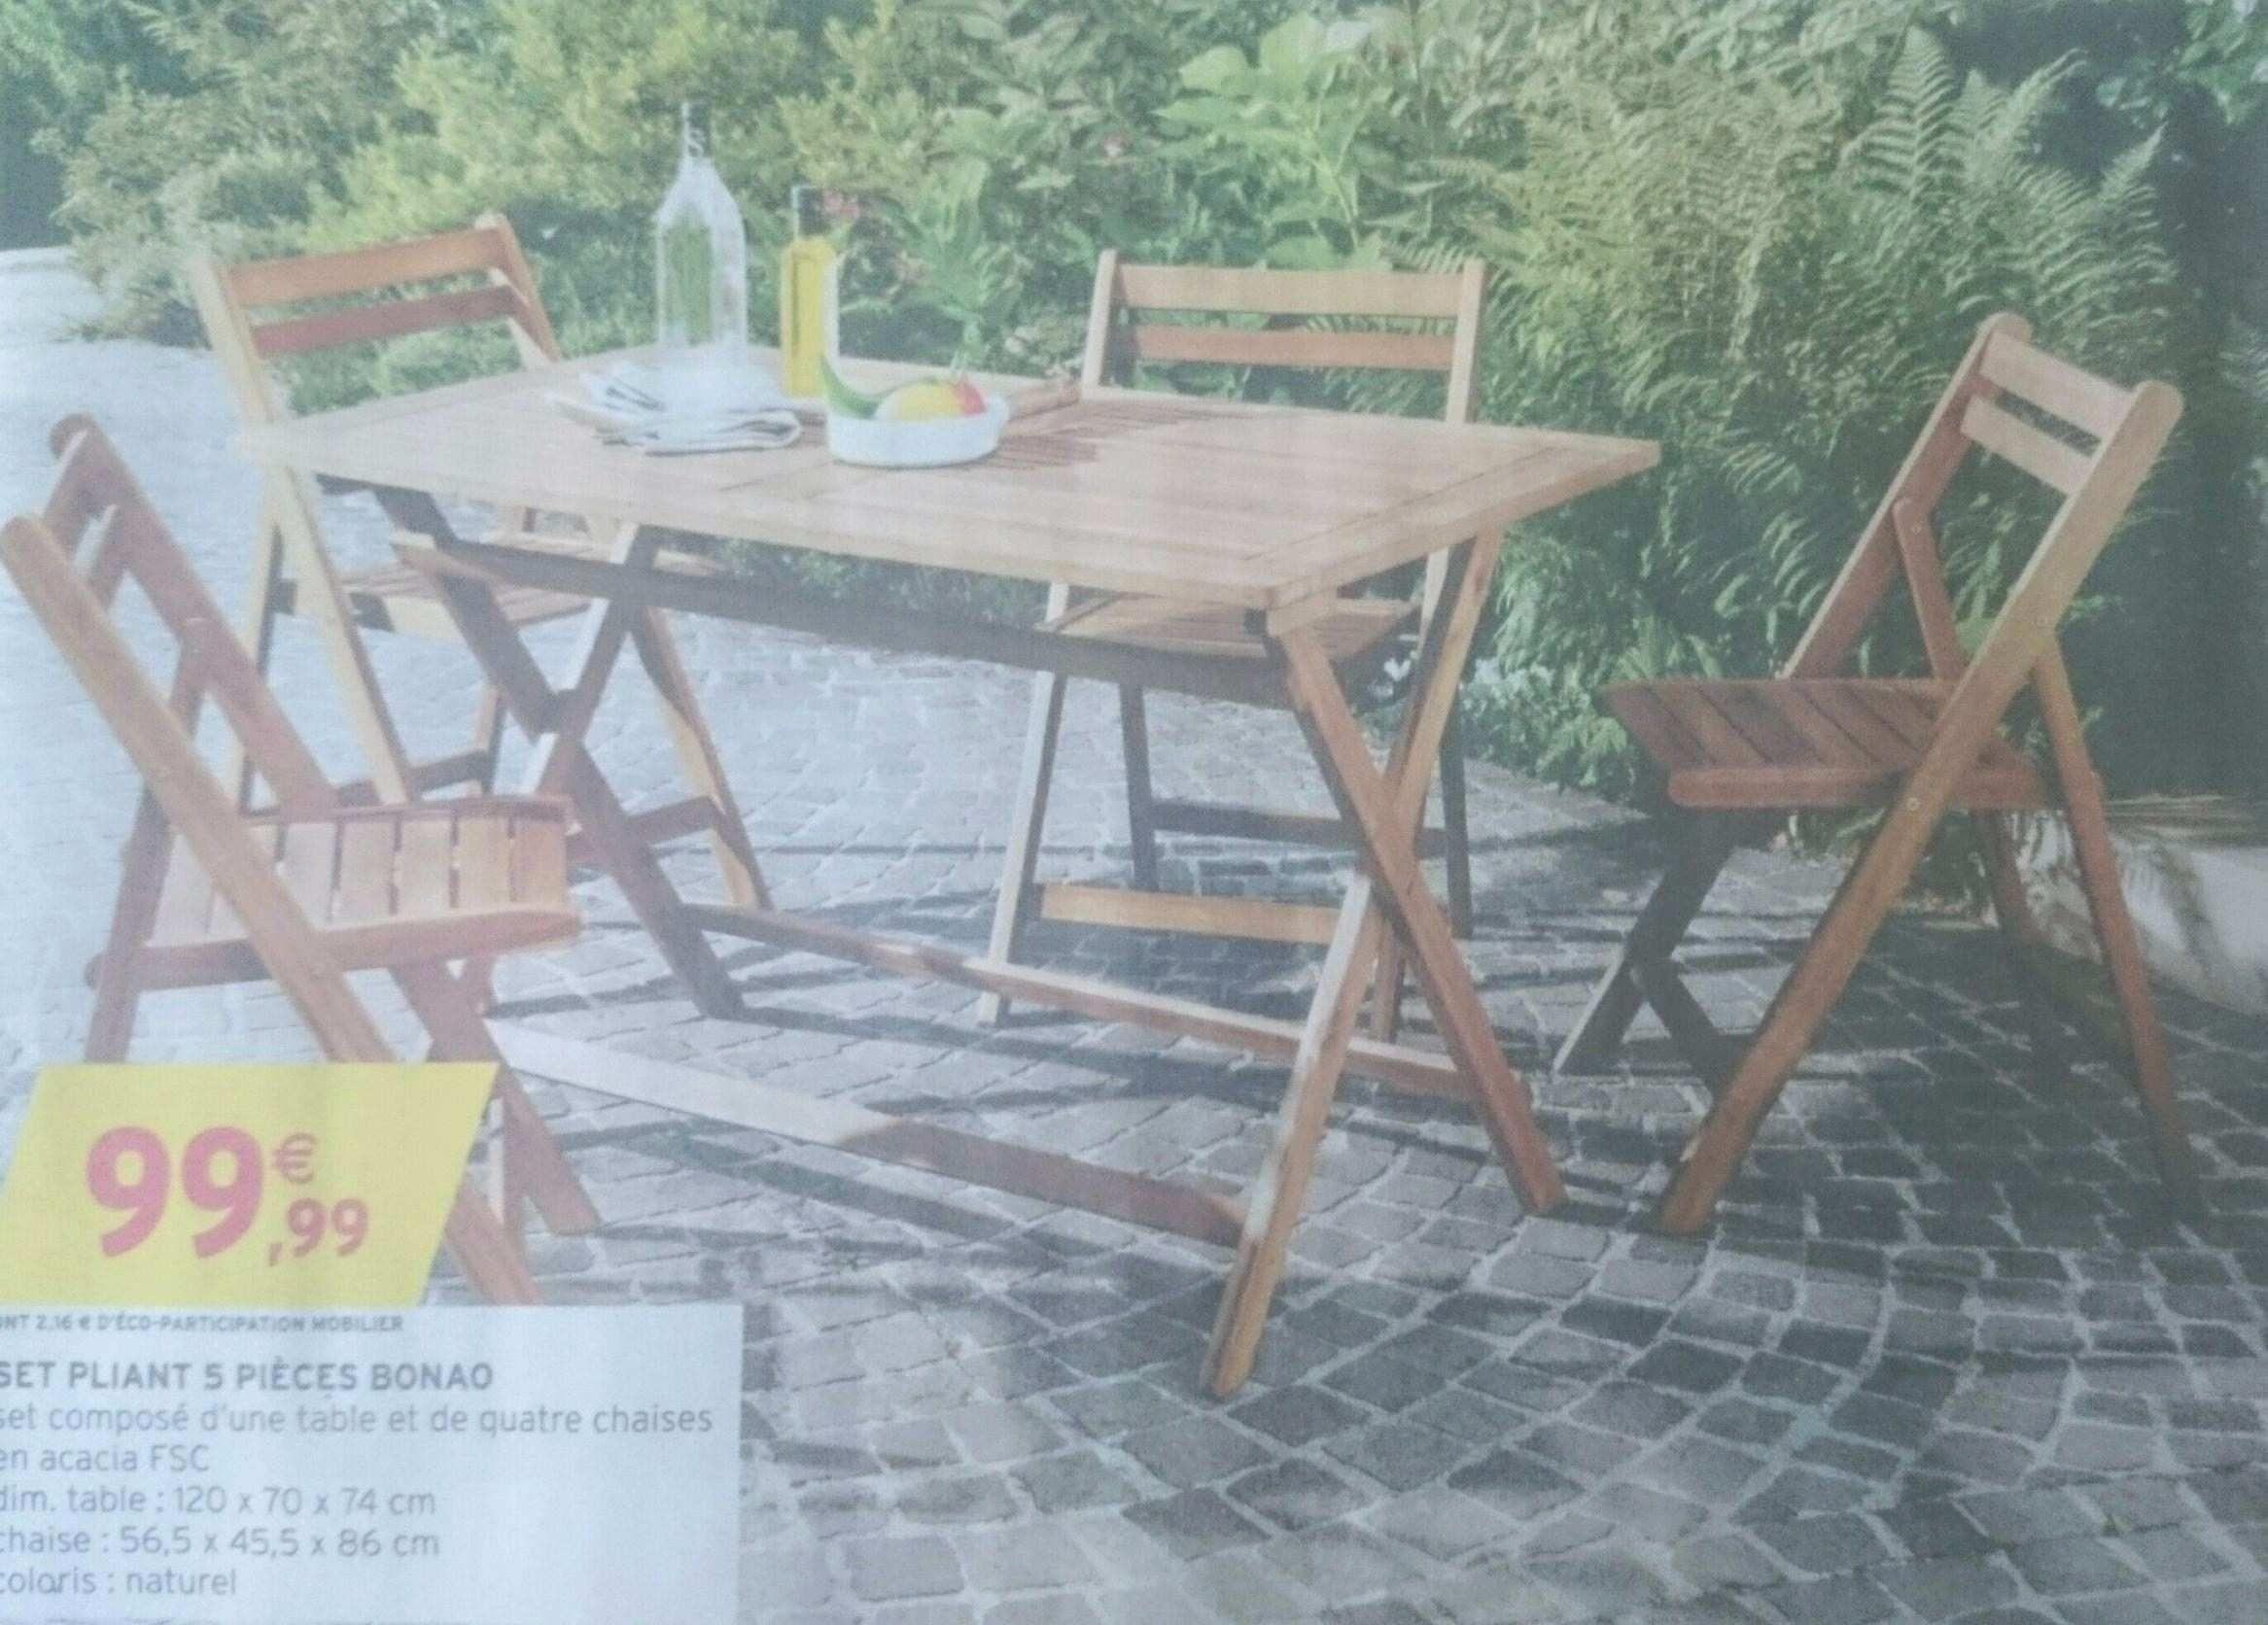 salon de jardin gard avec maison en palette plan table bois luxe beautiful diy 1 strip all within unique pallets garden set idees et 9